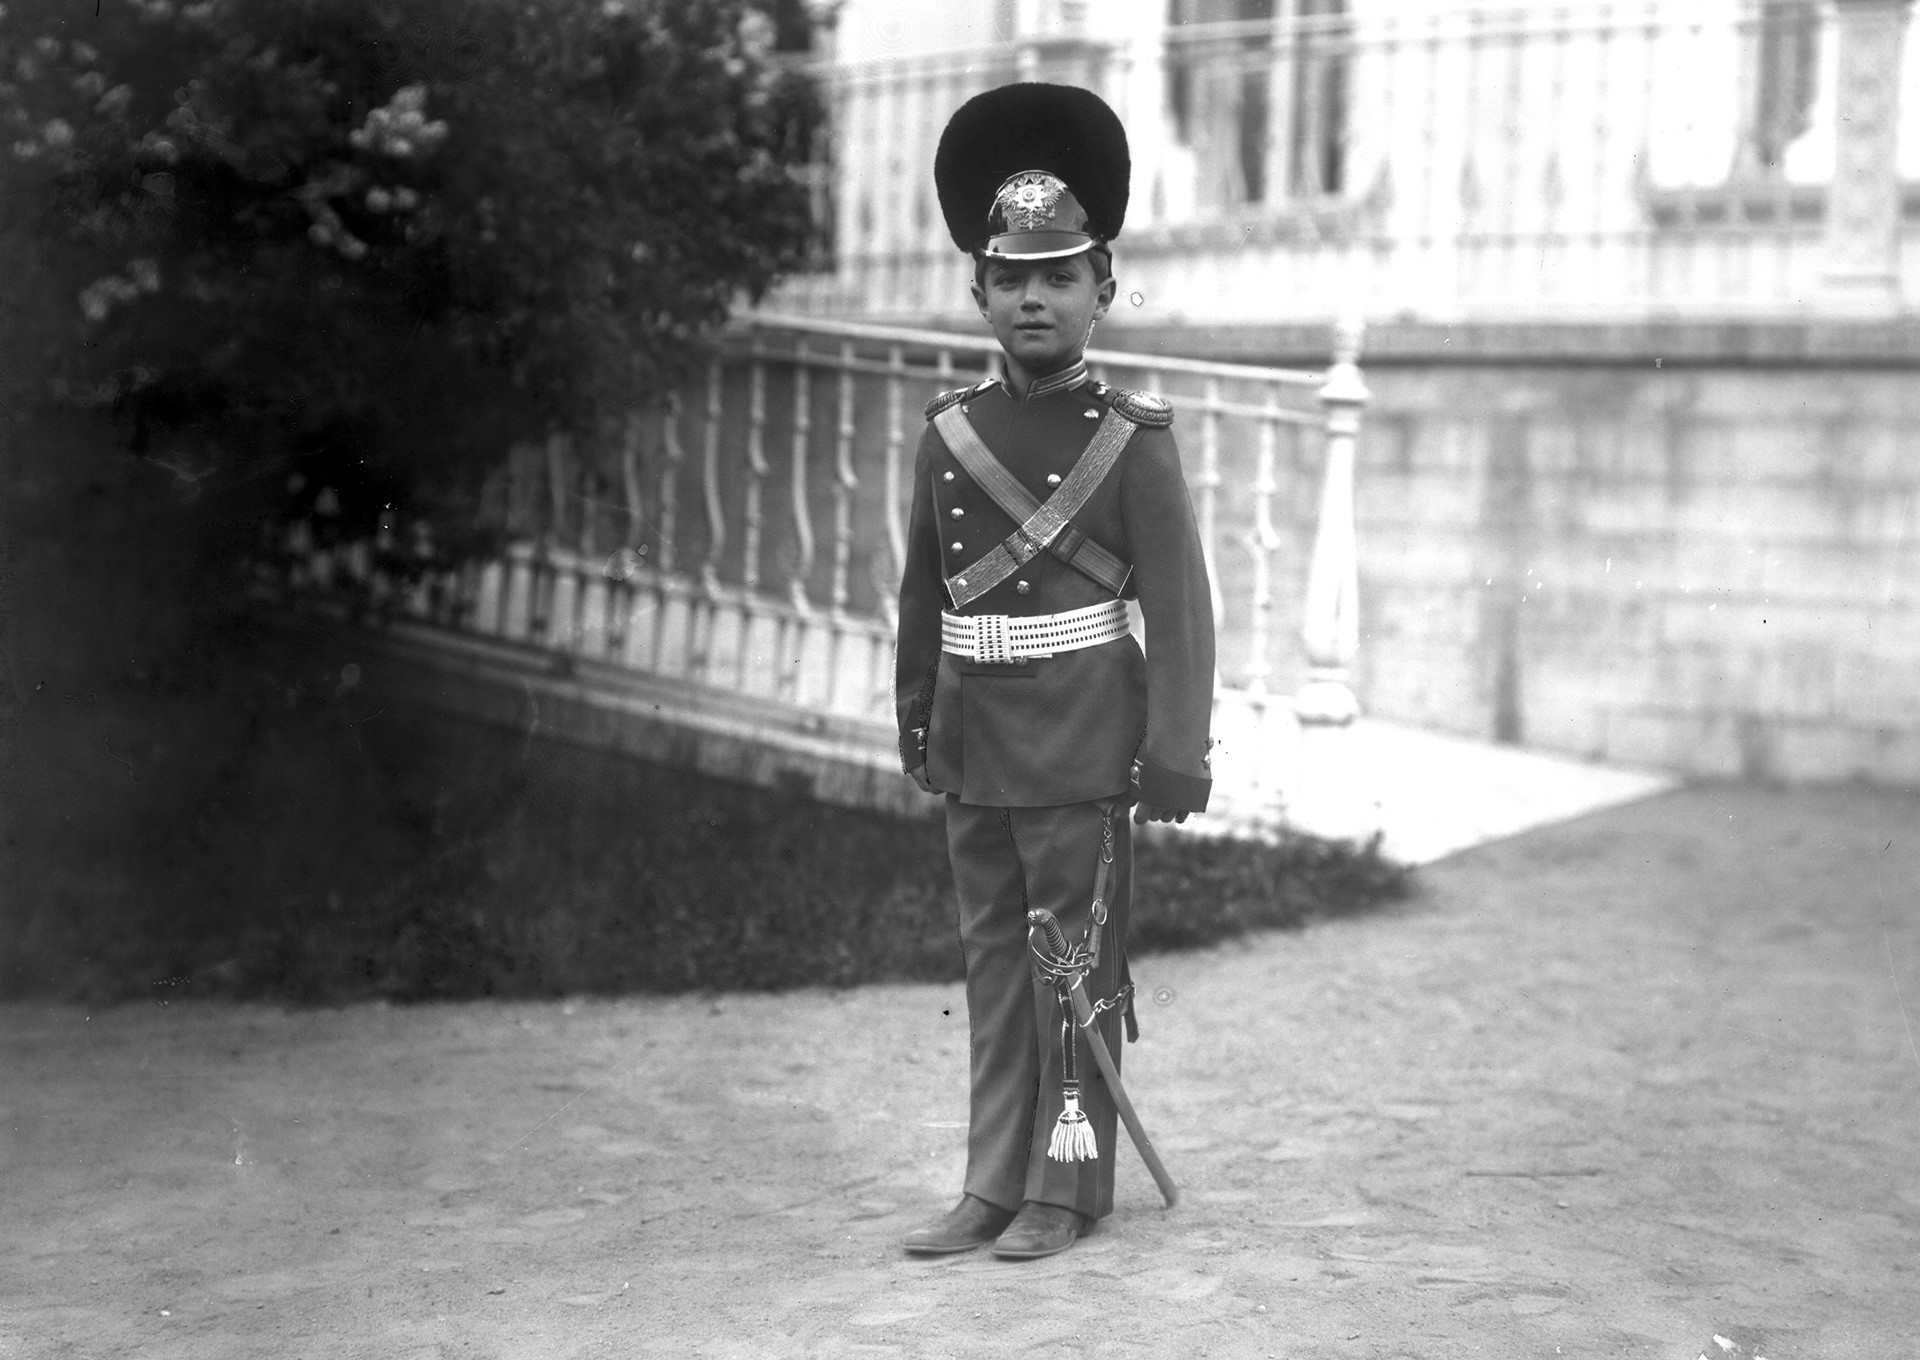 Photographies inédites de la famille impériale russe des Romanov